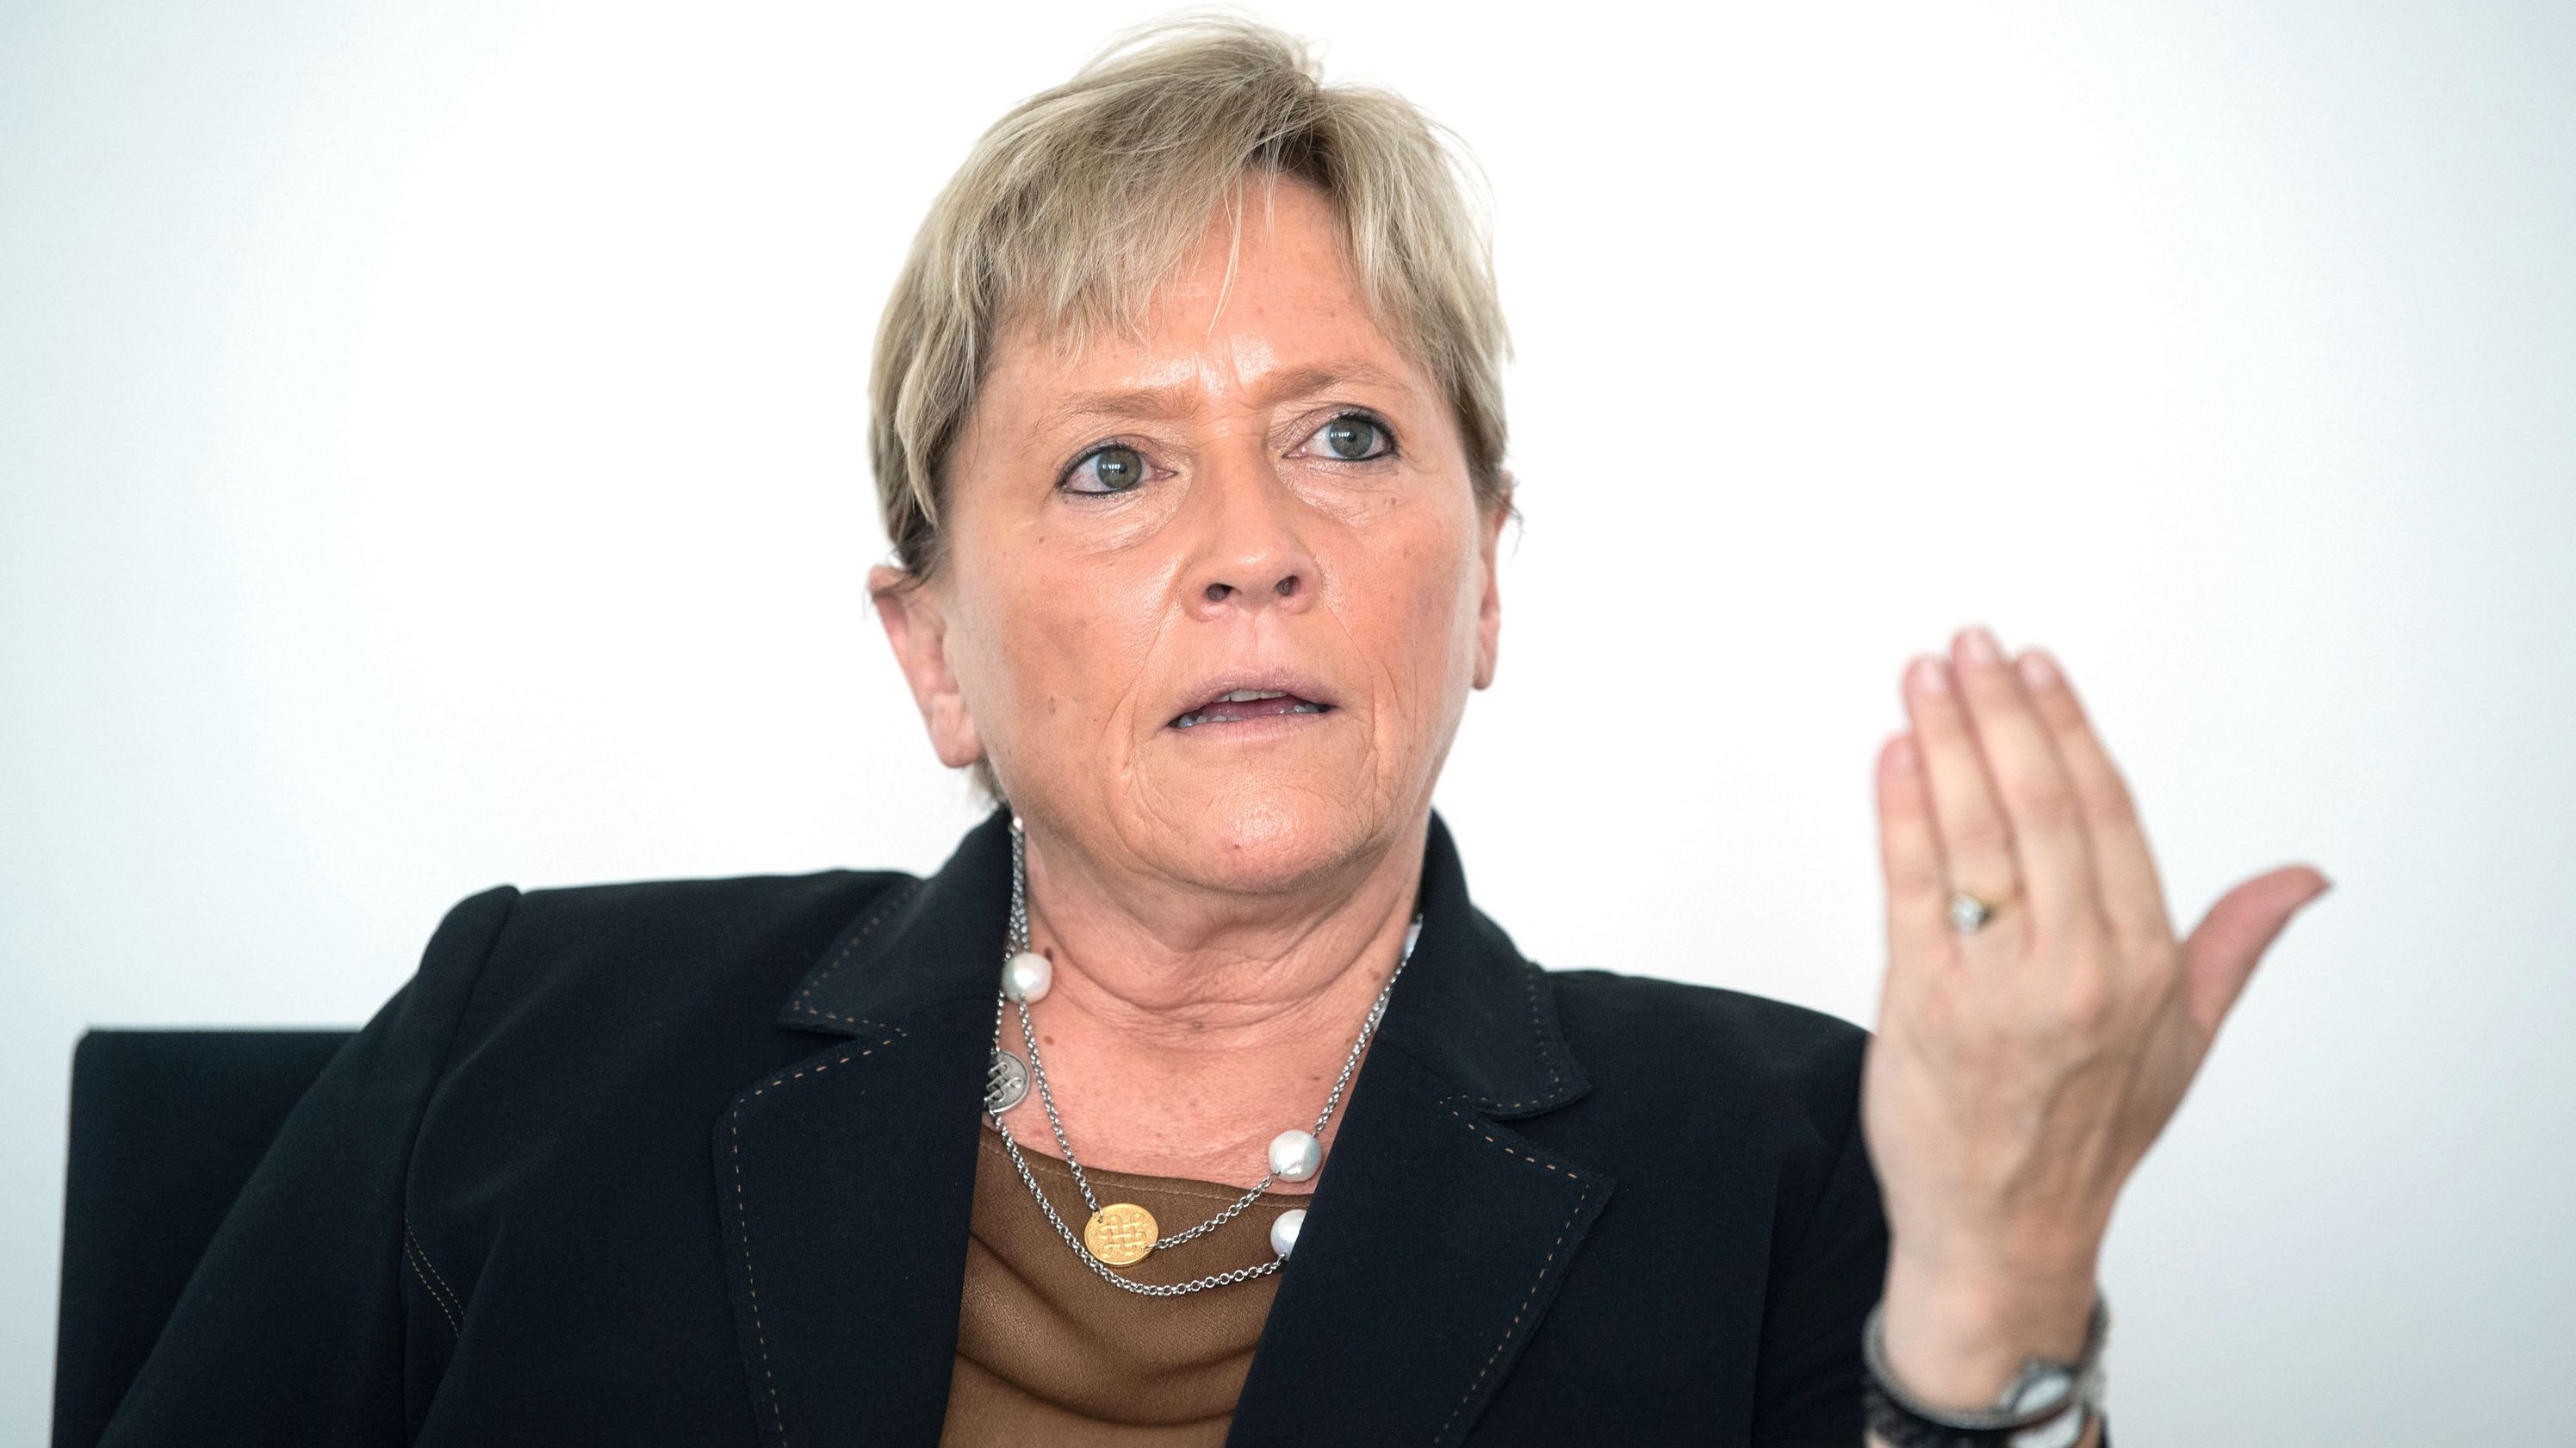 Susanne Eisenmann, Spitzenkandidatin der CDU für die Landtagswahlen in Baden-Württemberg.